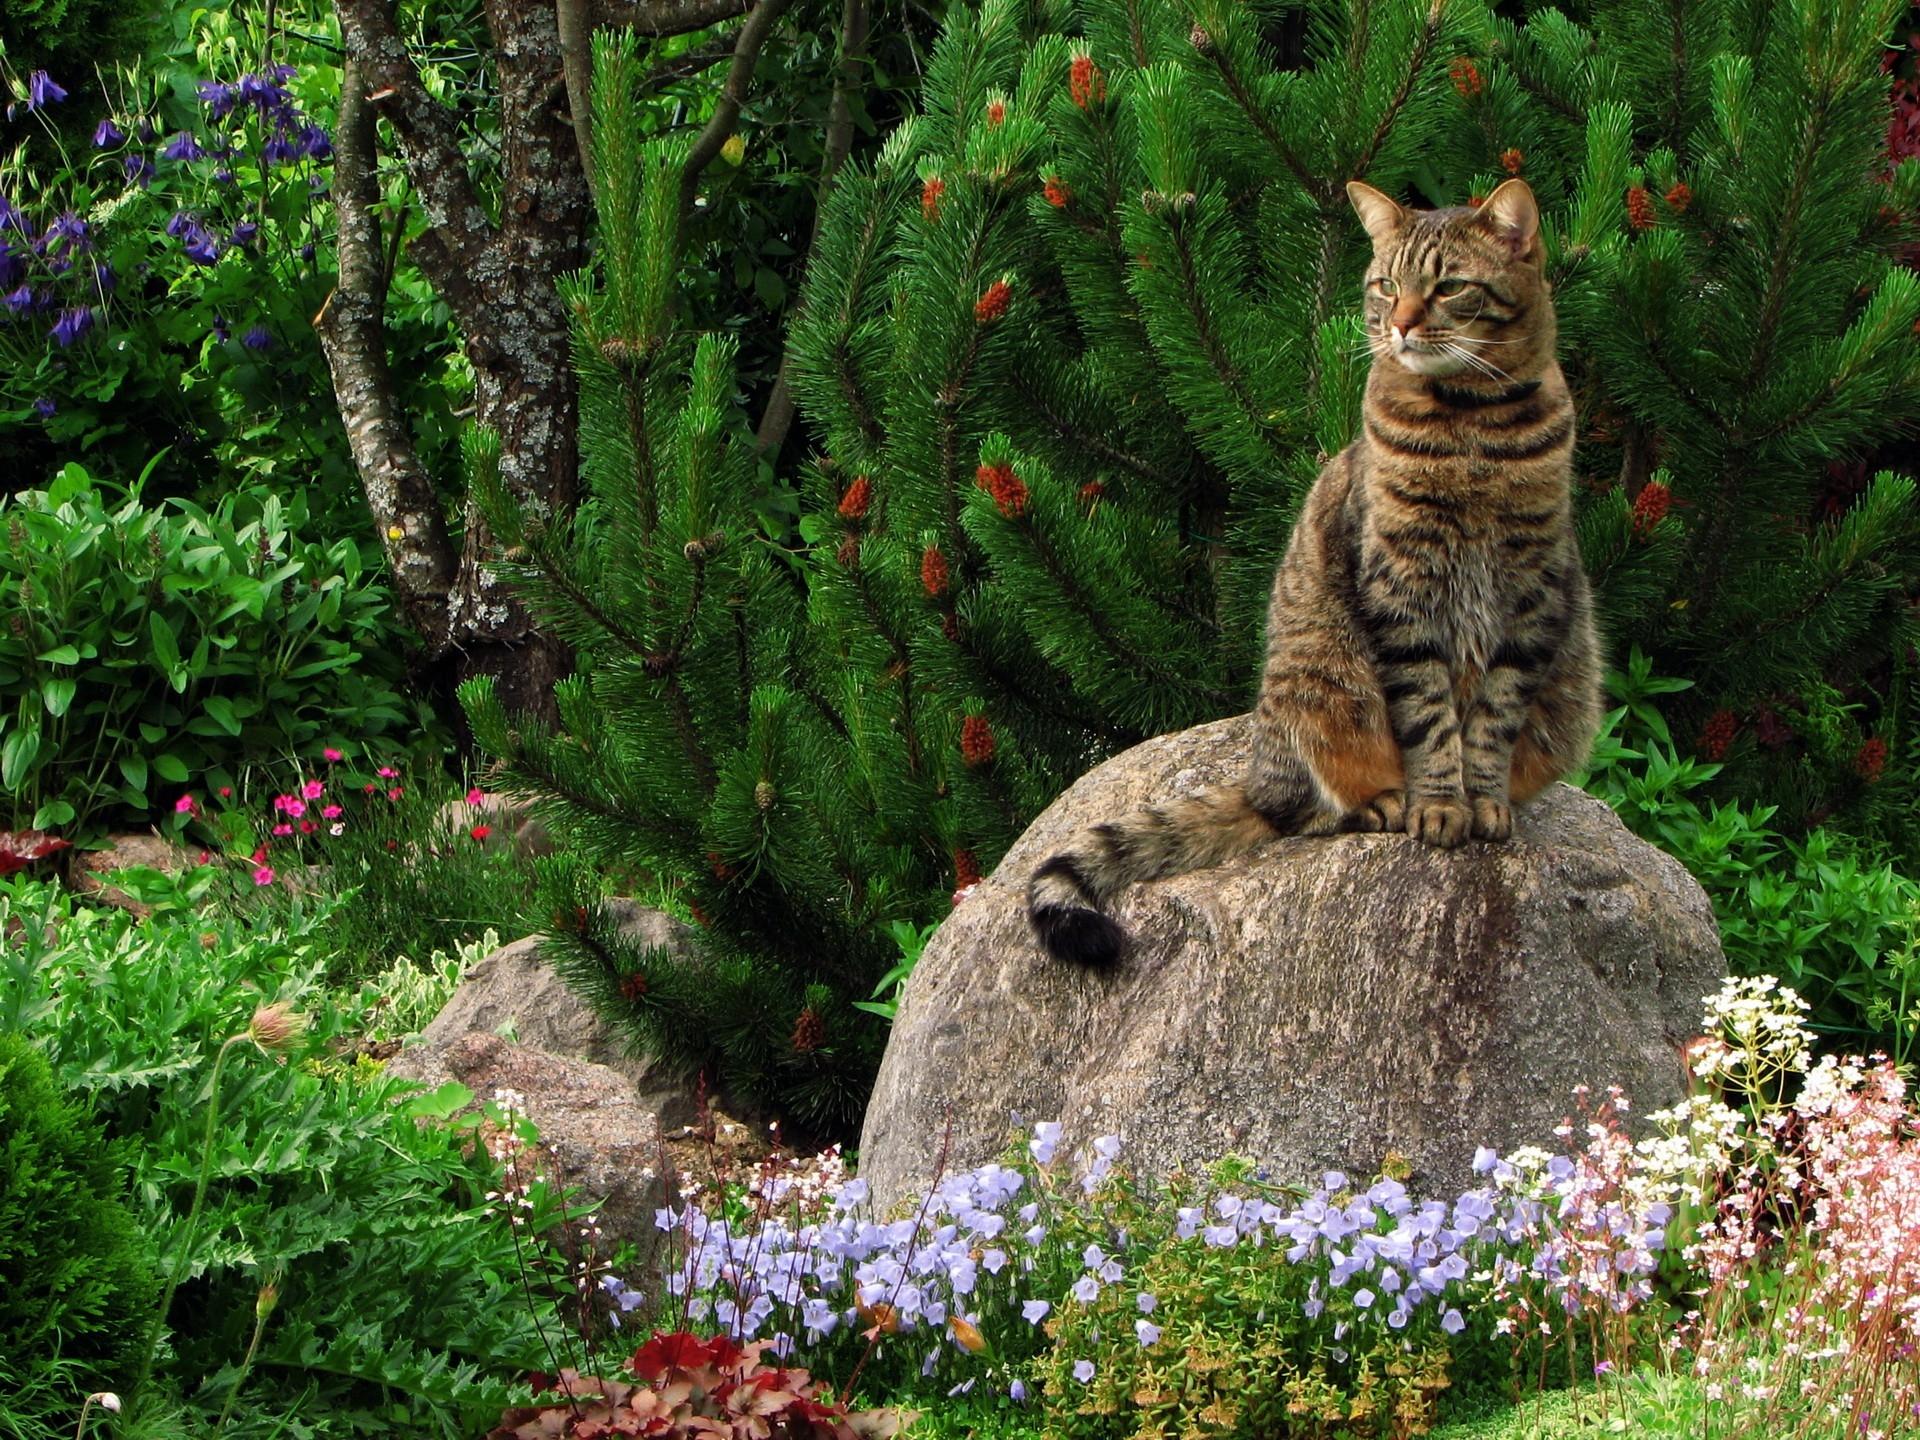 =^_^= Котики =^_^= - Страница 8 Cat-grass-flowers-garden-rock-sitting-landscape-669616